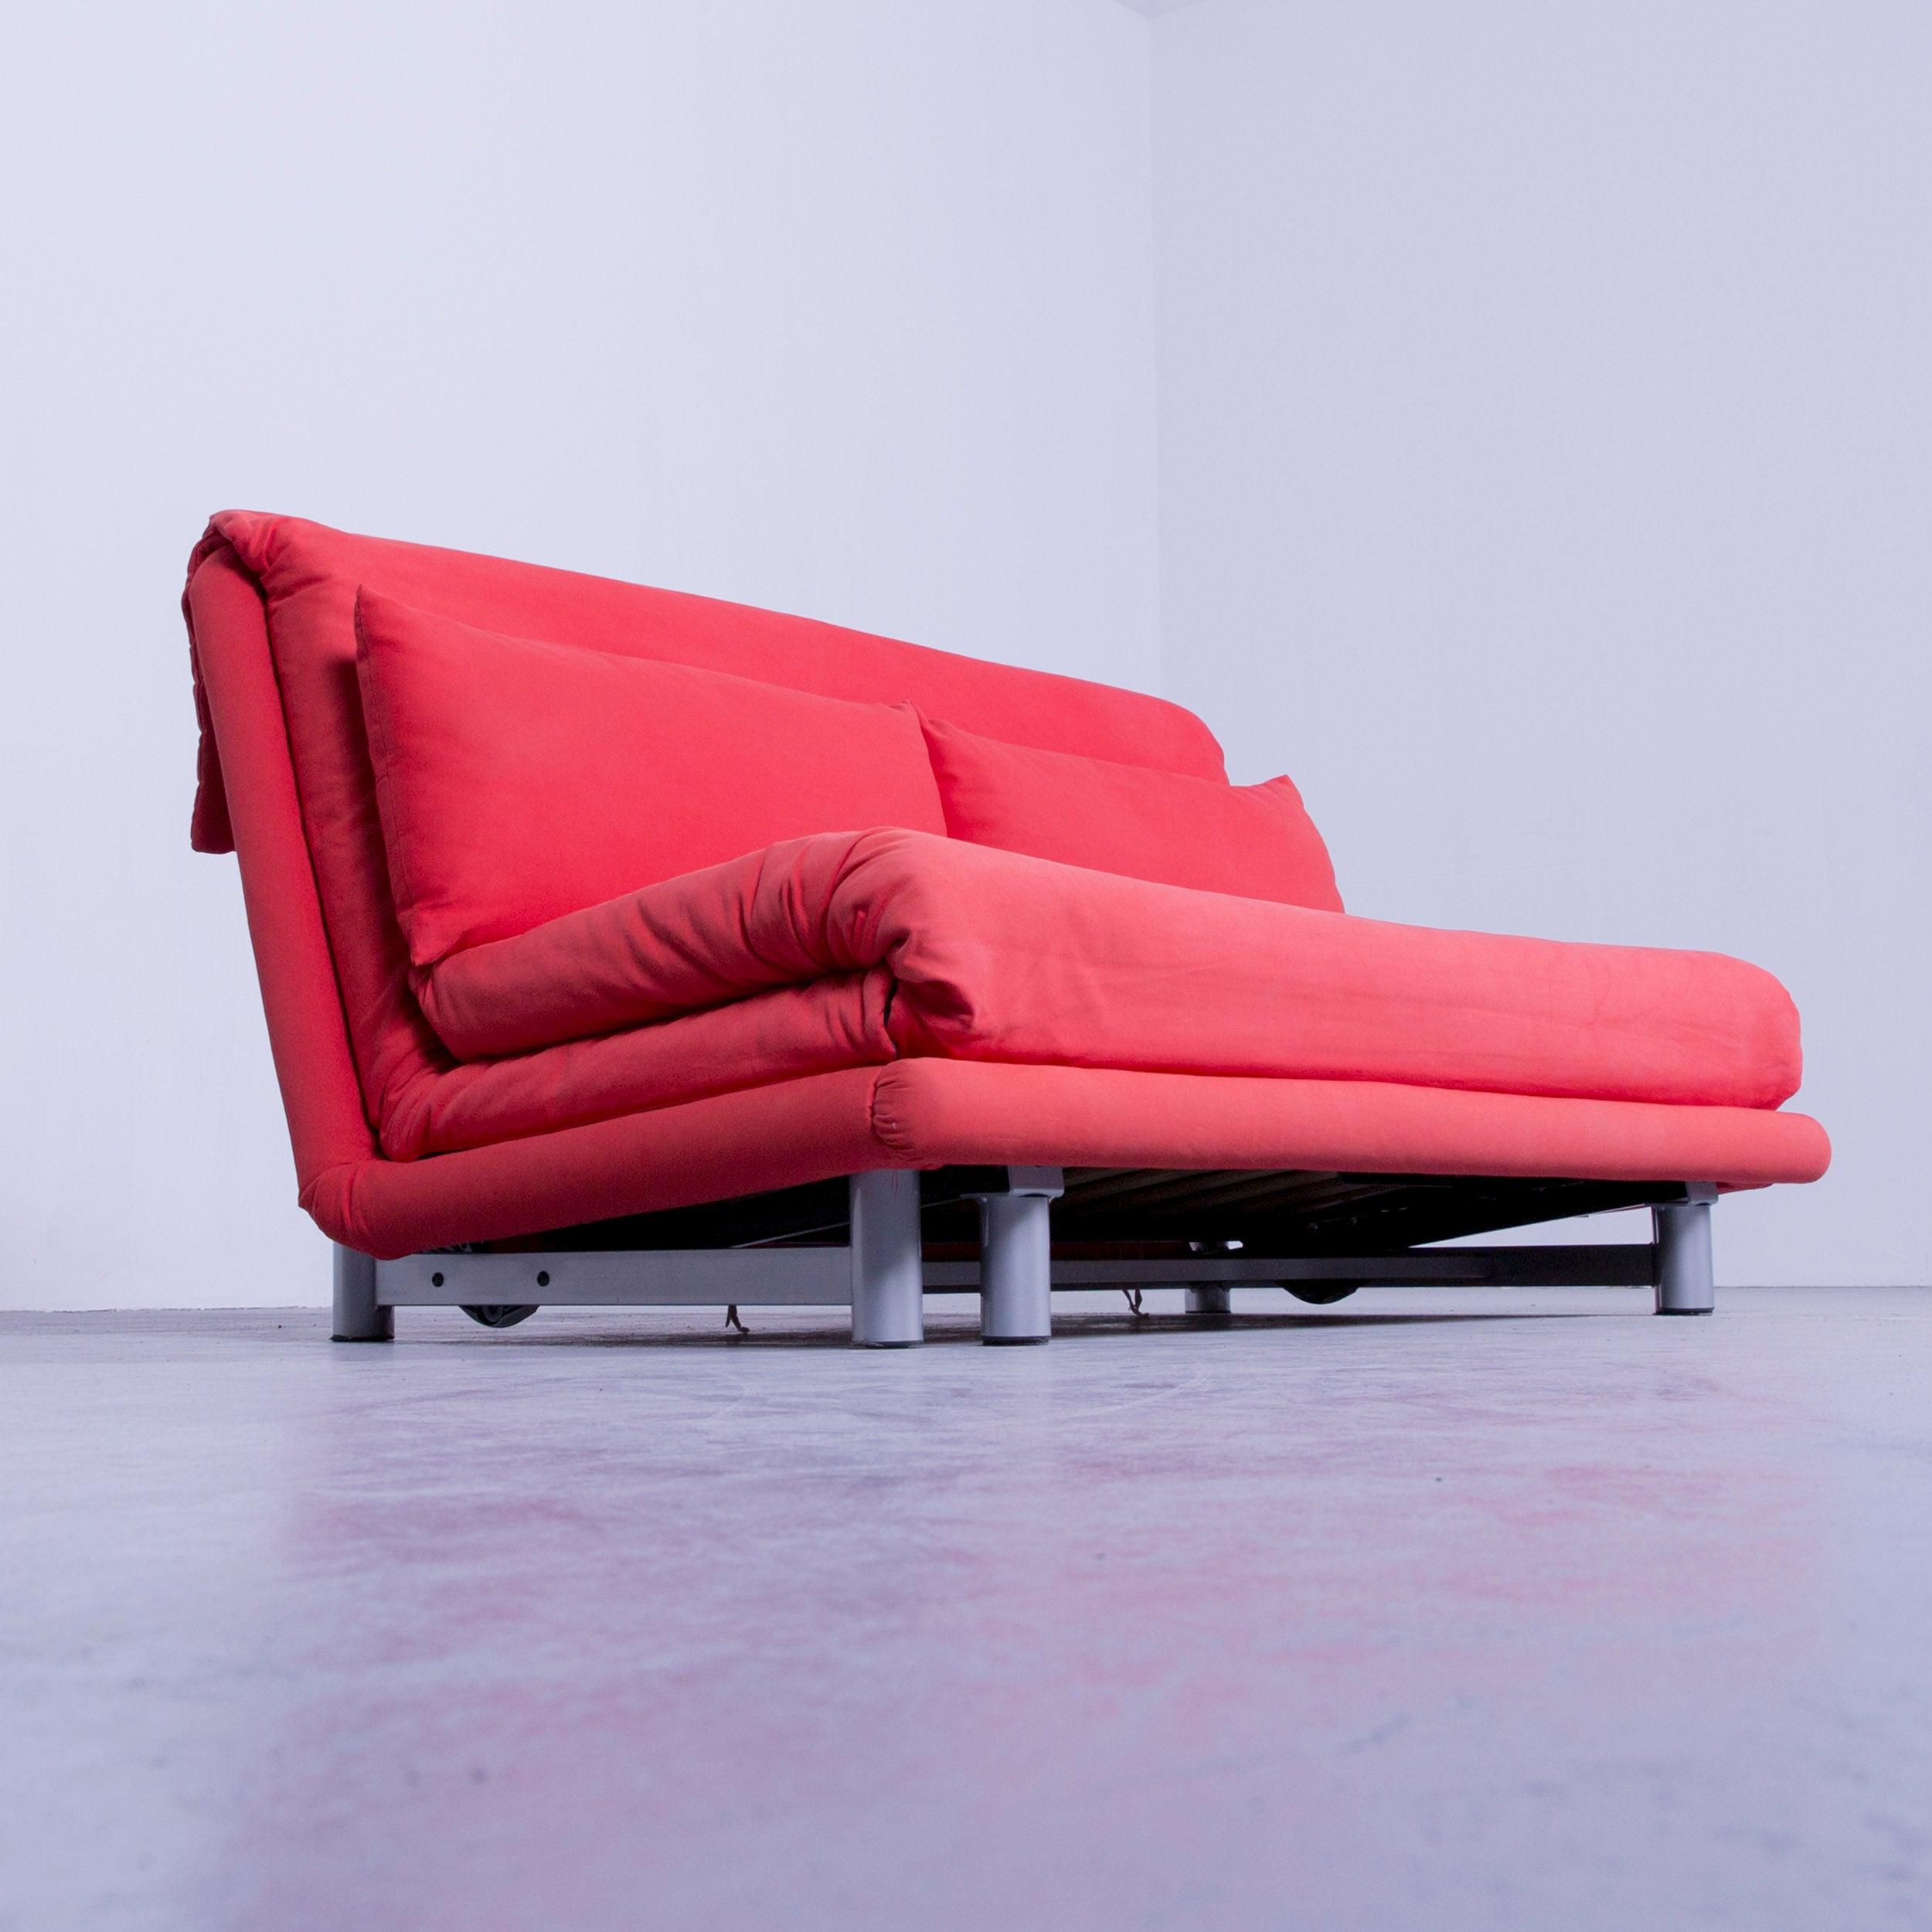 Design Schlafsofa Ligne Roset ligne roset sofa multy gebraucht kaufen okaycreations